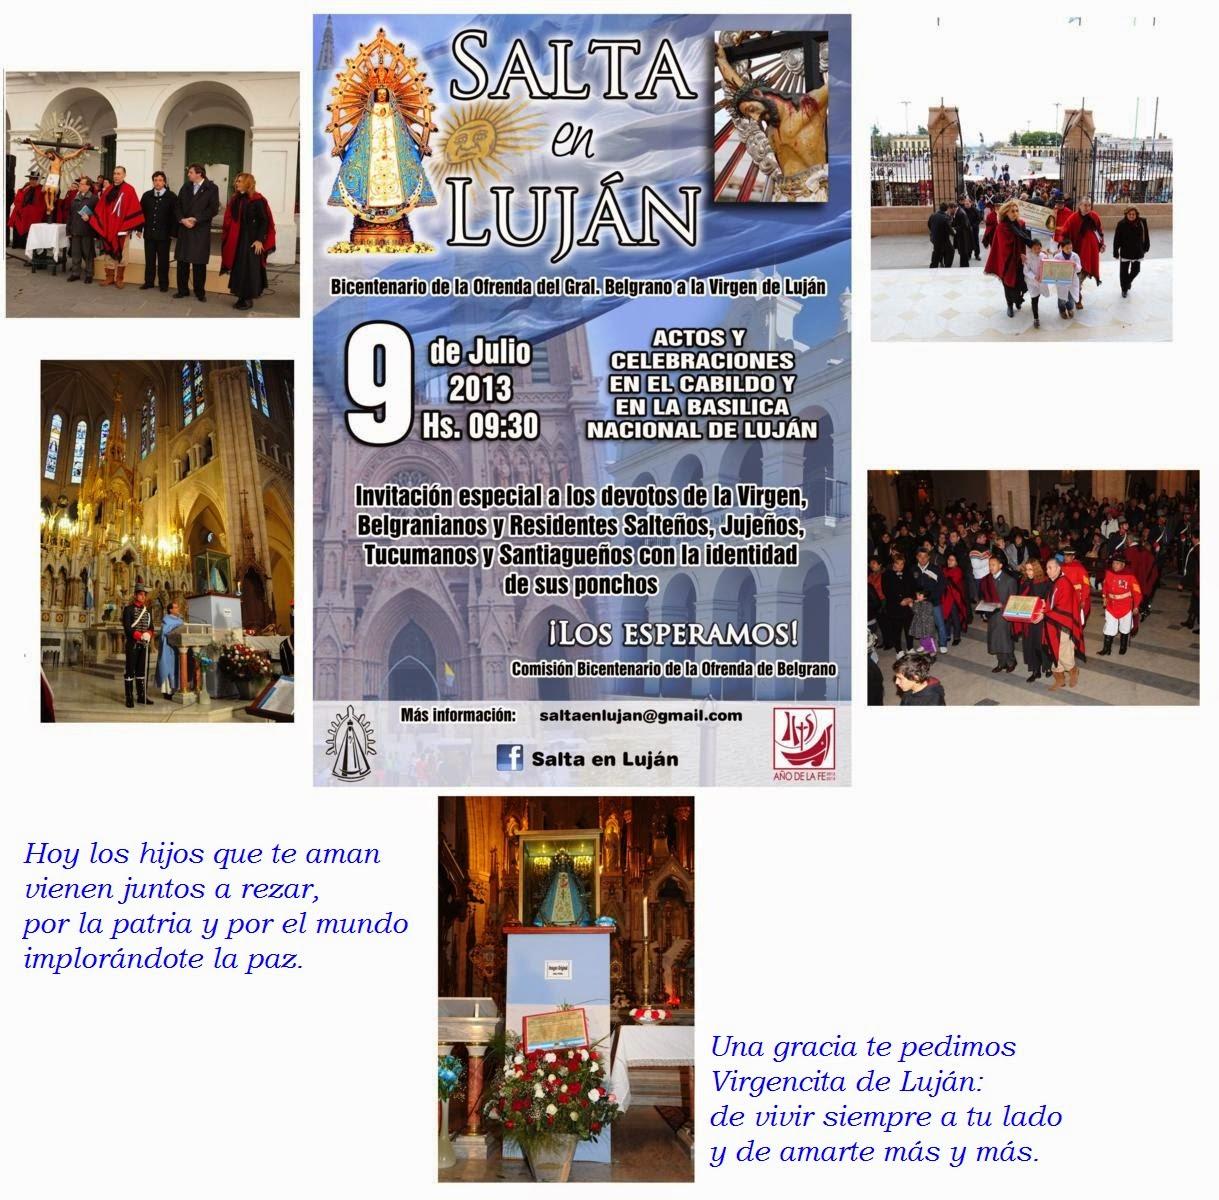 9 DE JULIO 2013 - ACTOS CABILDO Y CELEBRACIONES EN BASÍLICA DE LUJÁN